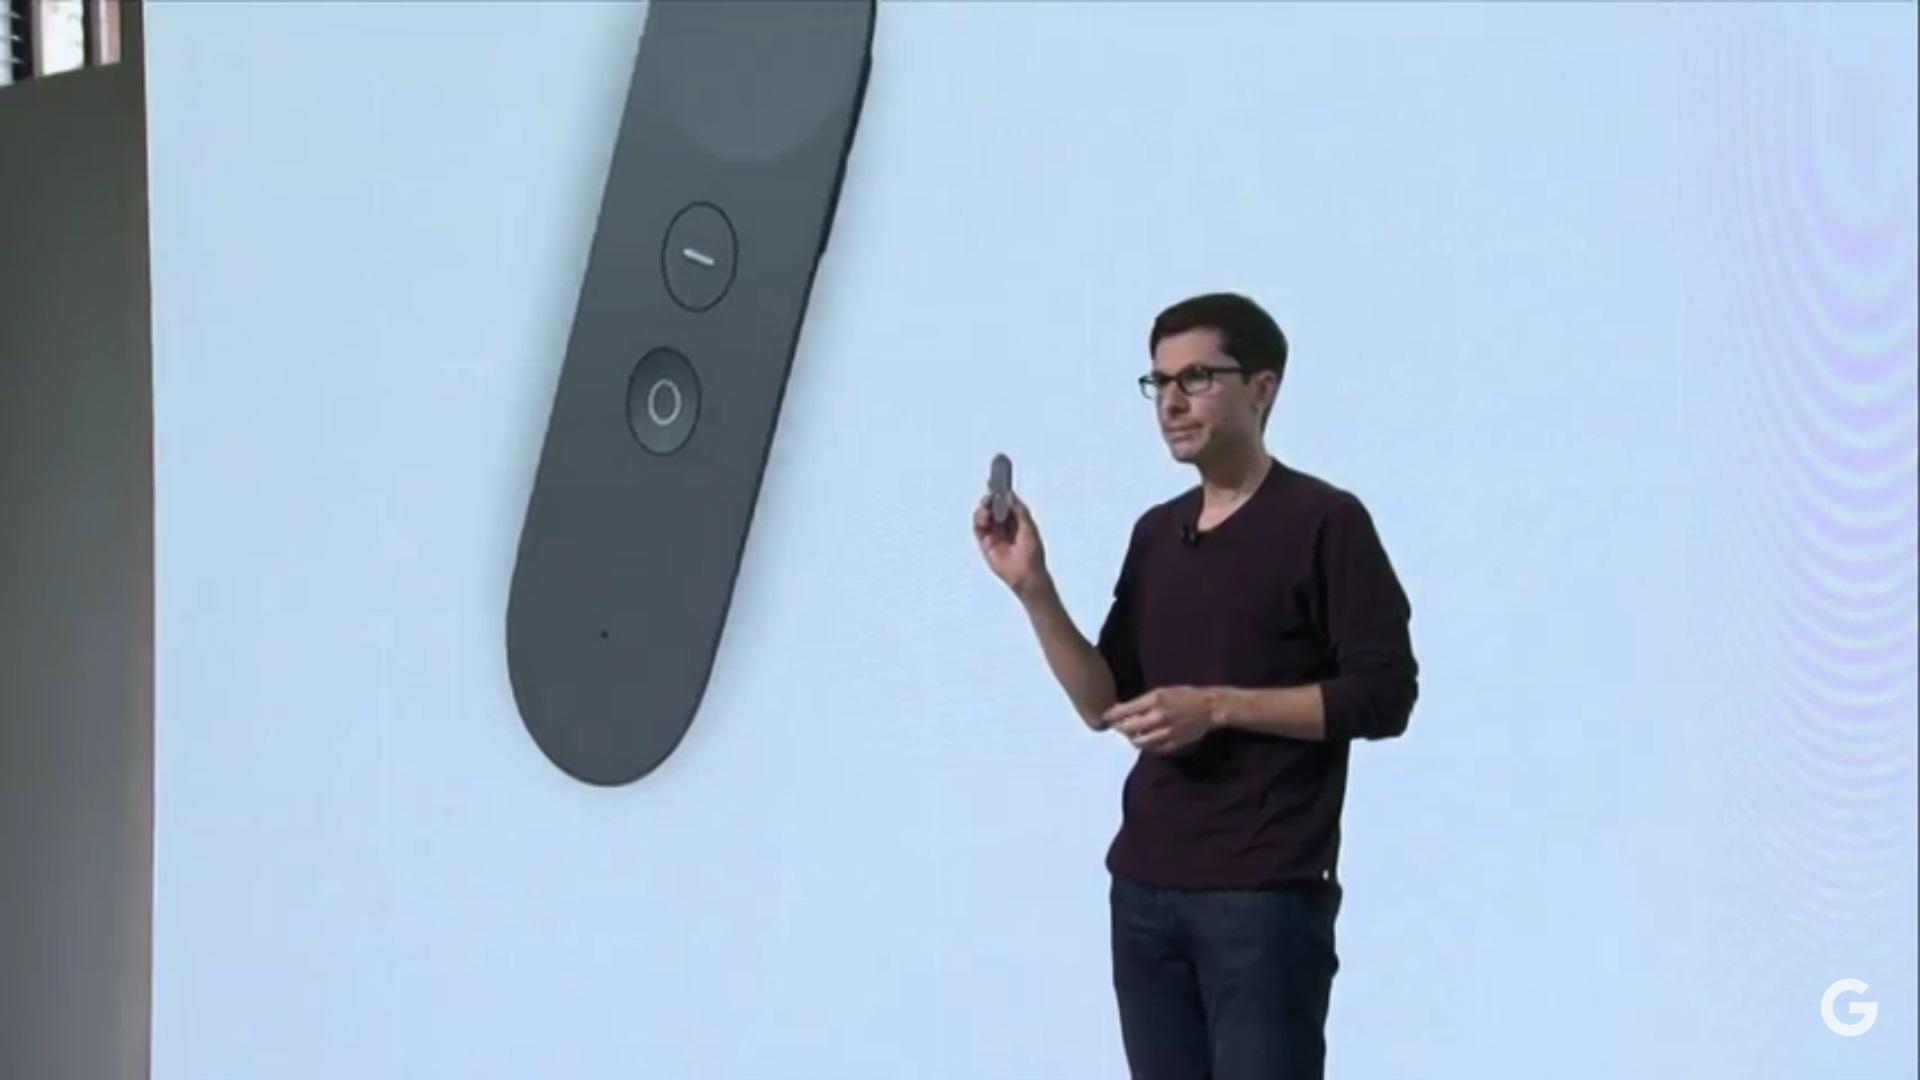 Gyroskopický ovládač pre interakciu vo virtuálnej realite. Virtuálna realita Daydream od Google